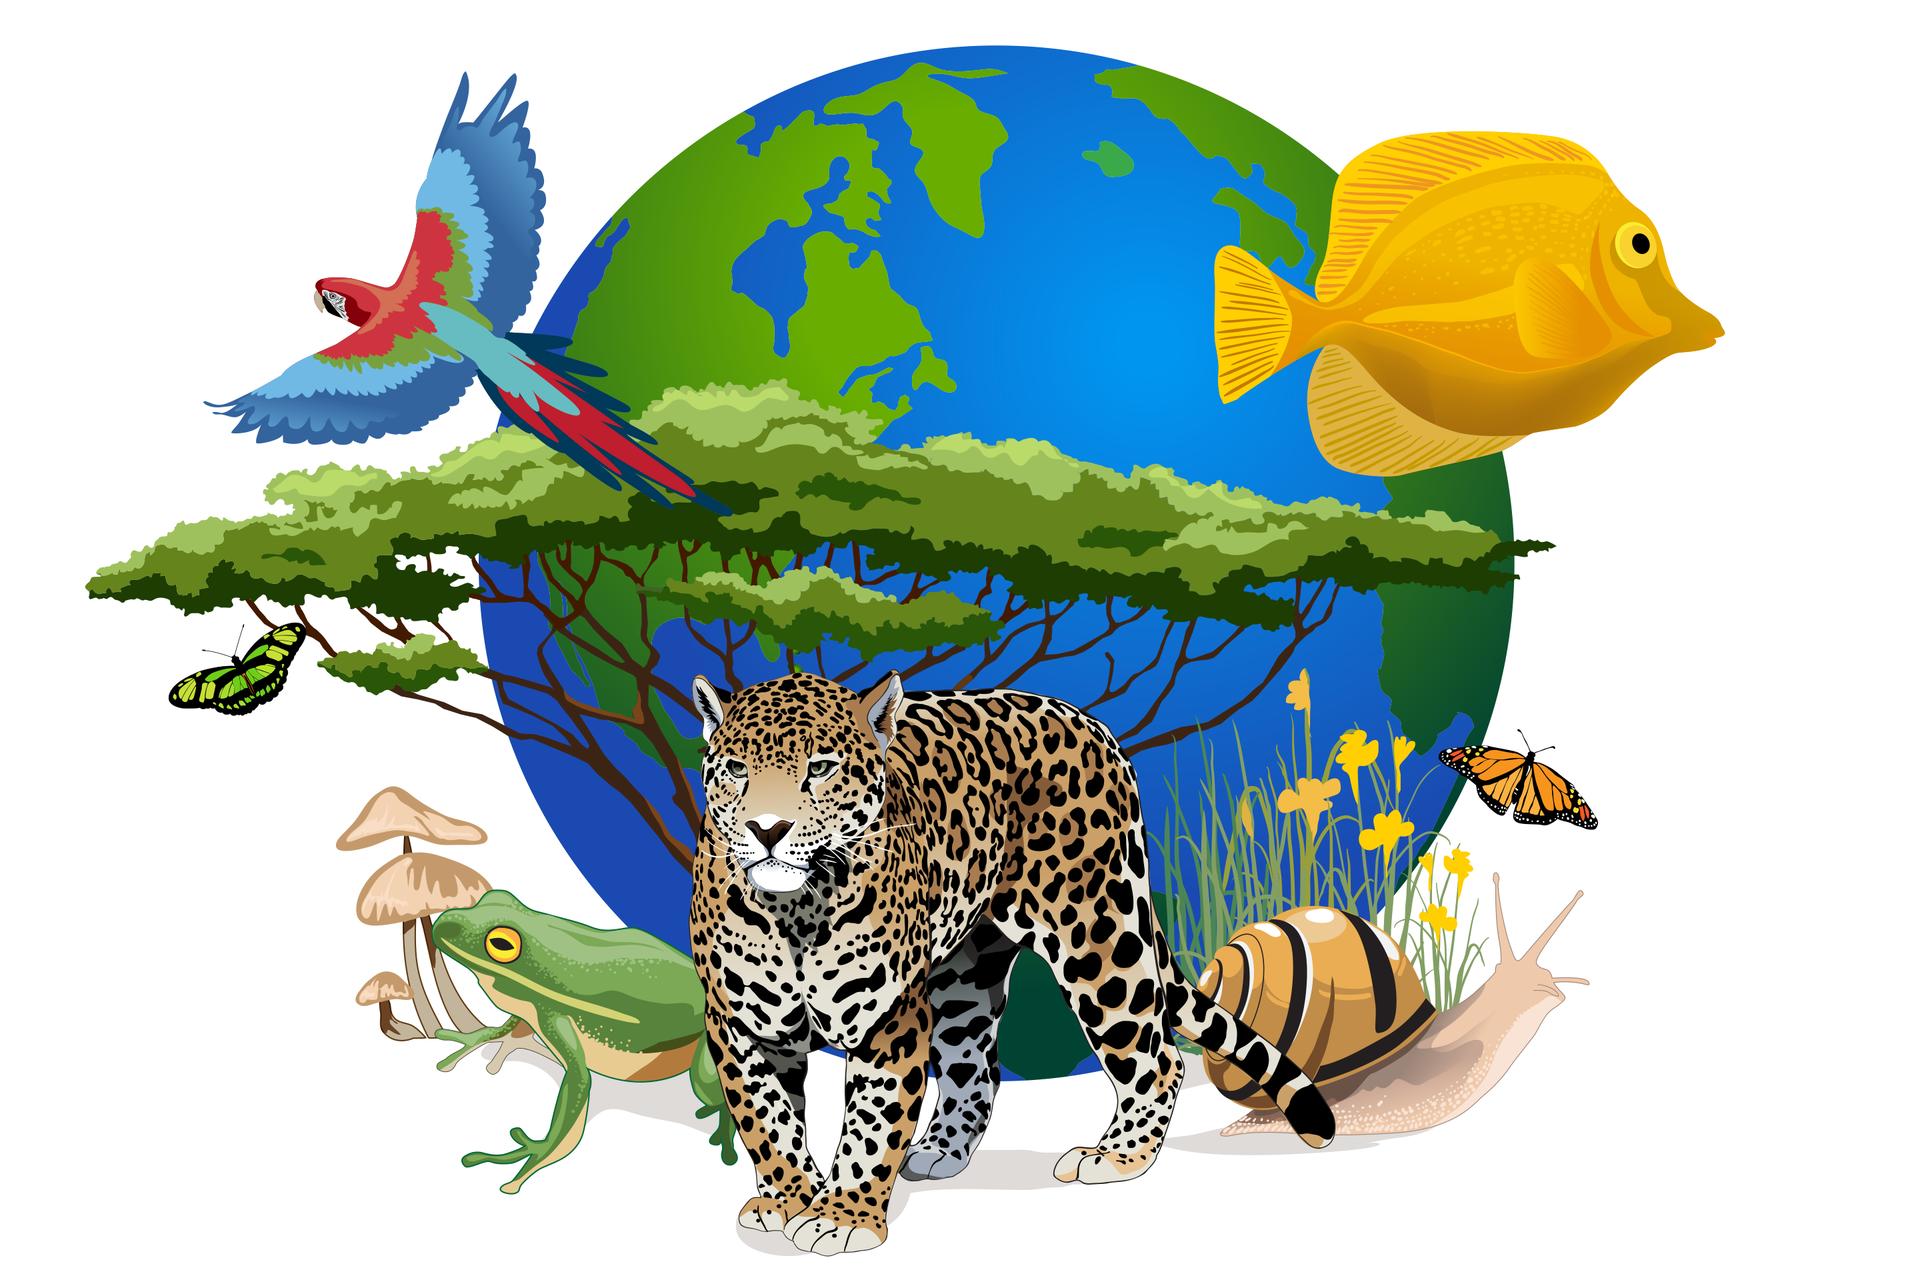 Ilustracja prezentuje niebiesko-żółtą kulę Ziemską, na tle której umieszczono kolorową papugę, żółtą rybę, akacje, zieloną żabę, grzyby, motyle, ślimaka oraz jaguara.